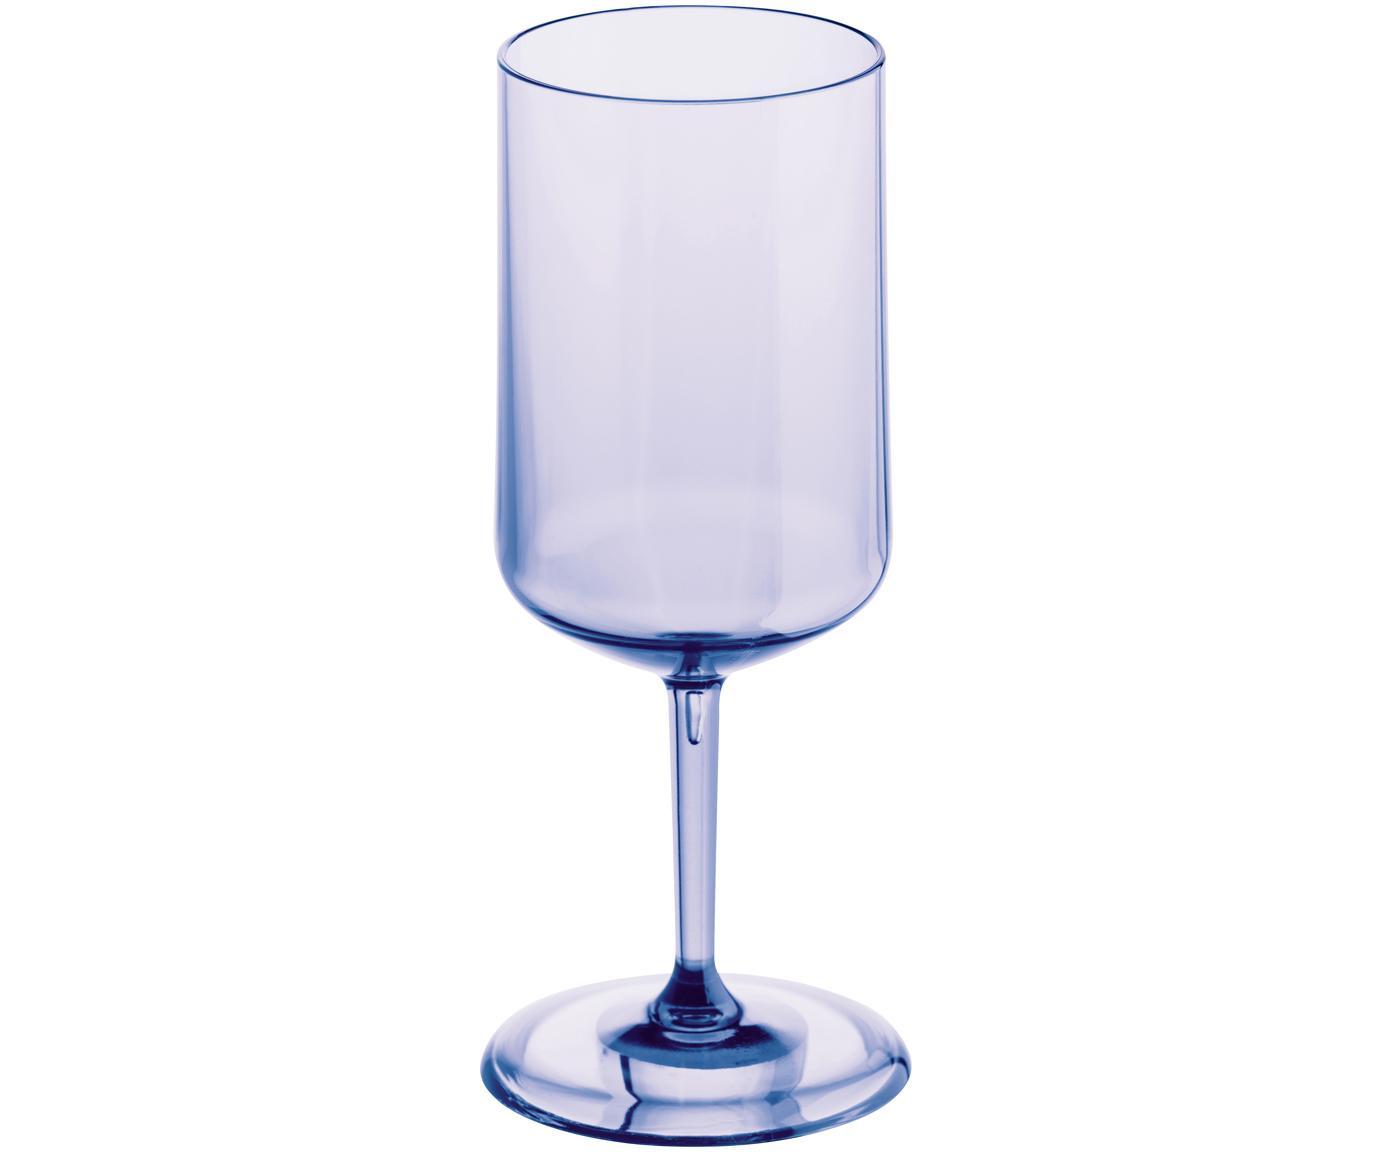 Nietłukący się kieliszek do wina z tworzywa sztucznego Cheers, Tworzywo termoplastyczne (włókno szklane), Niebieskopurpurowy, transparentny, Ø 9 x W 21 cm